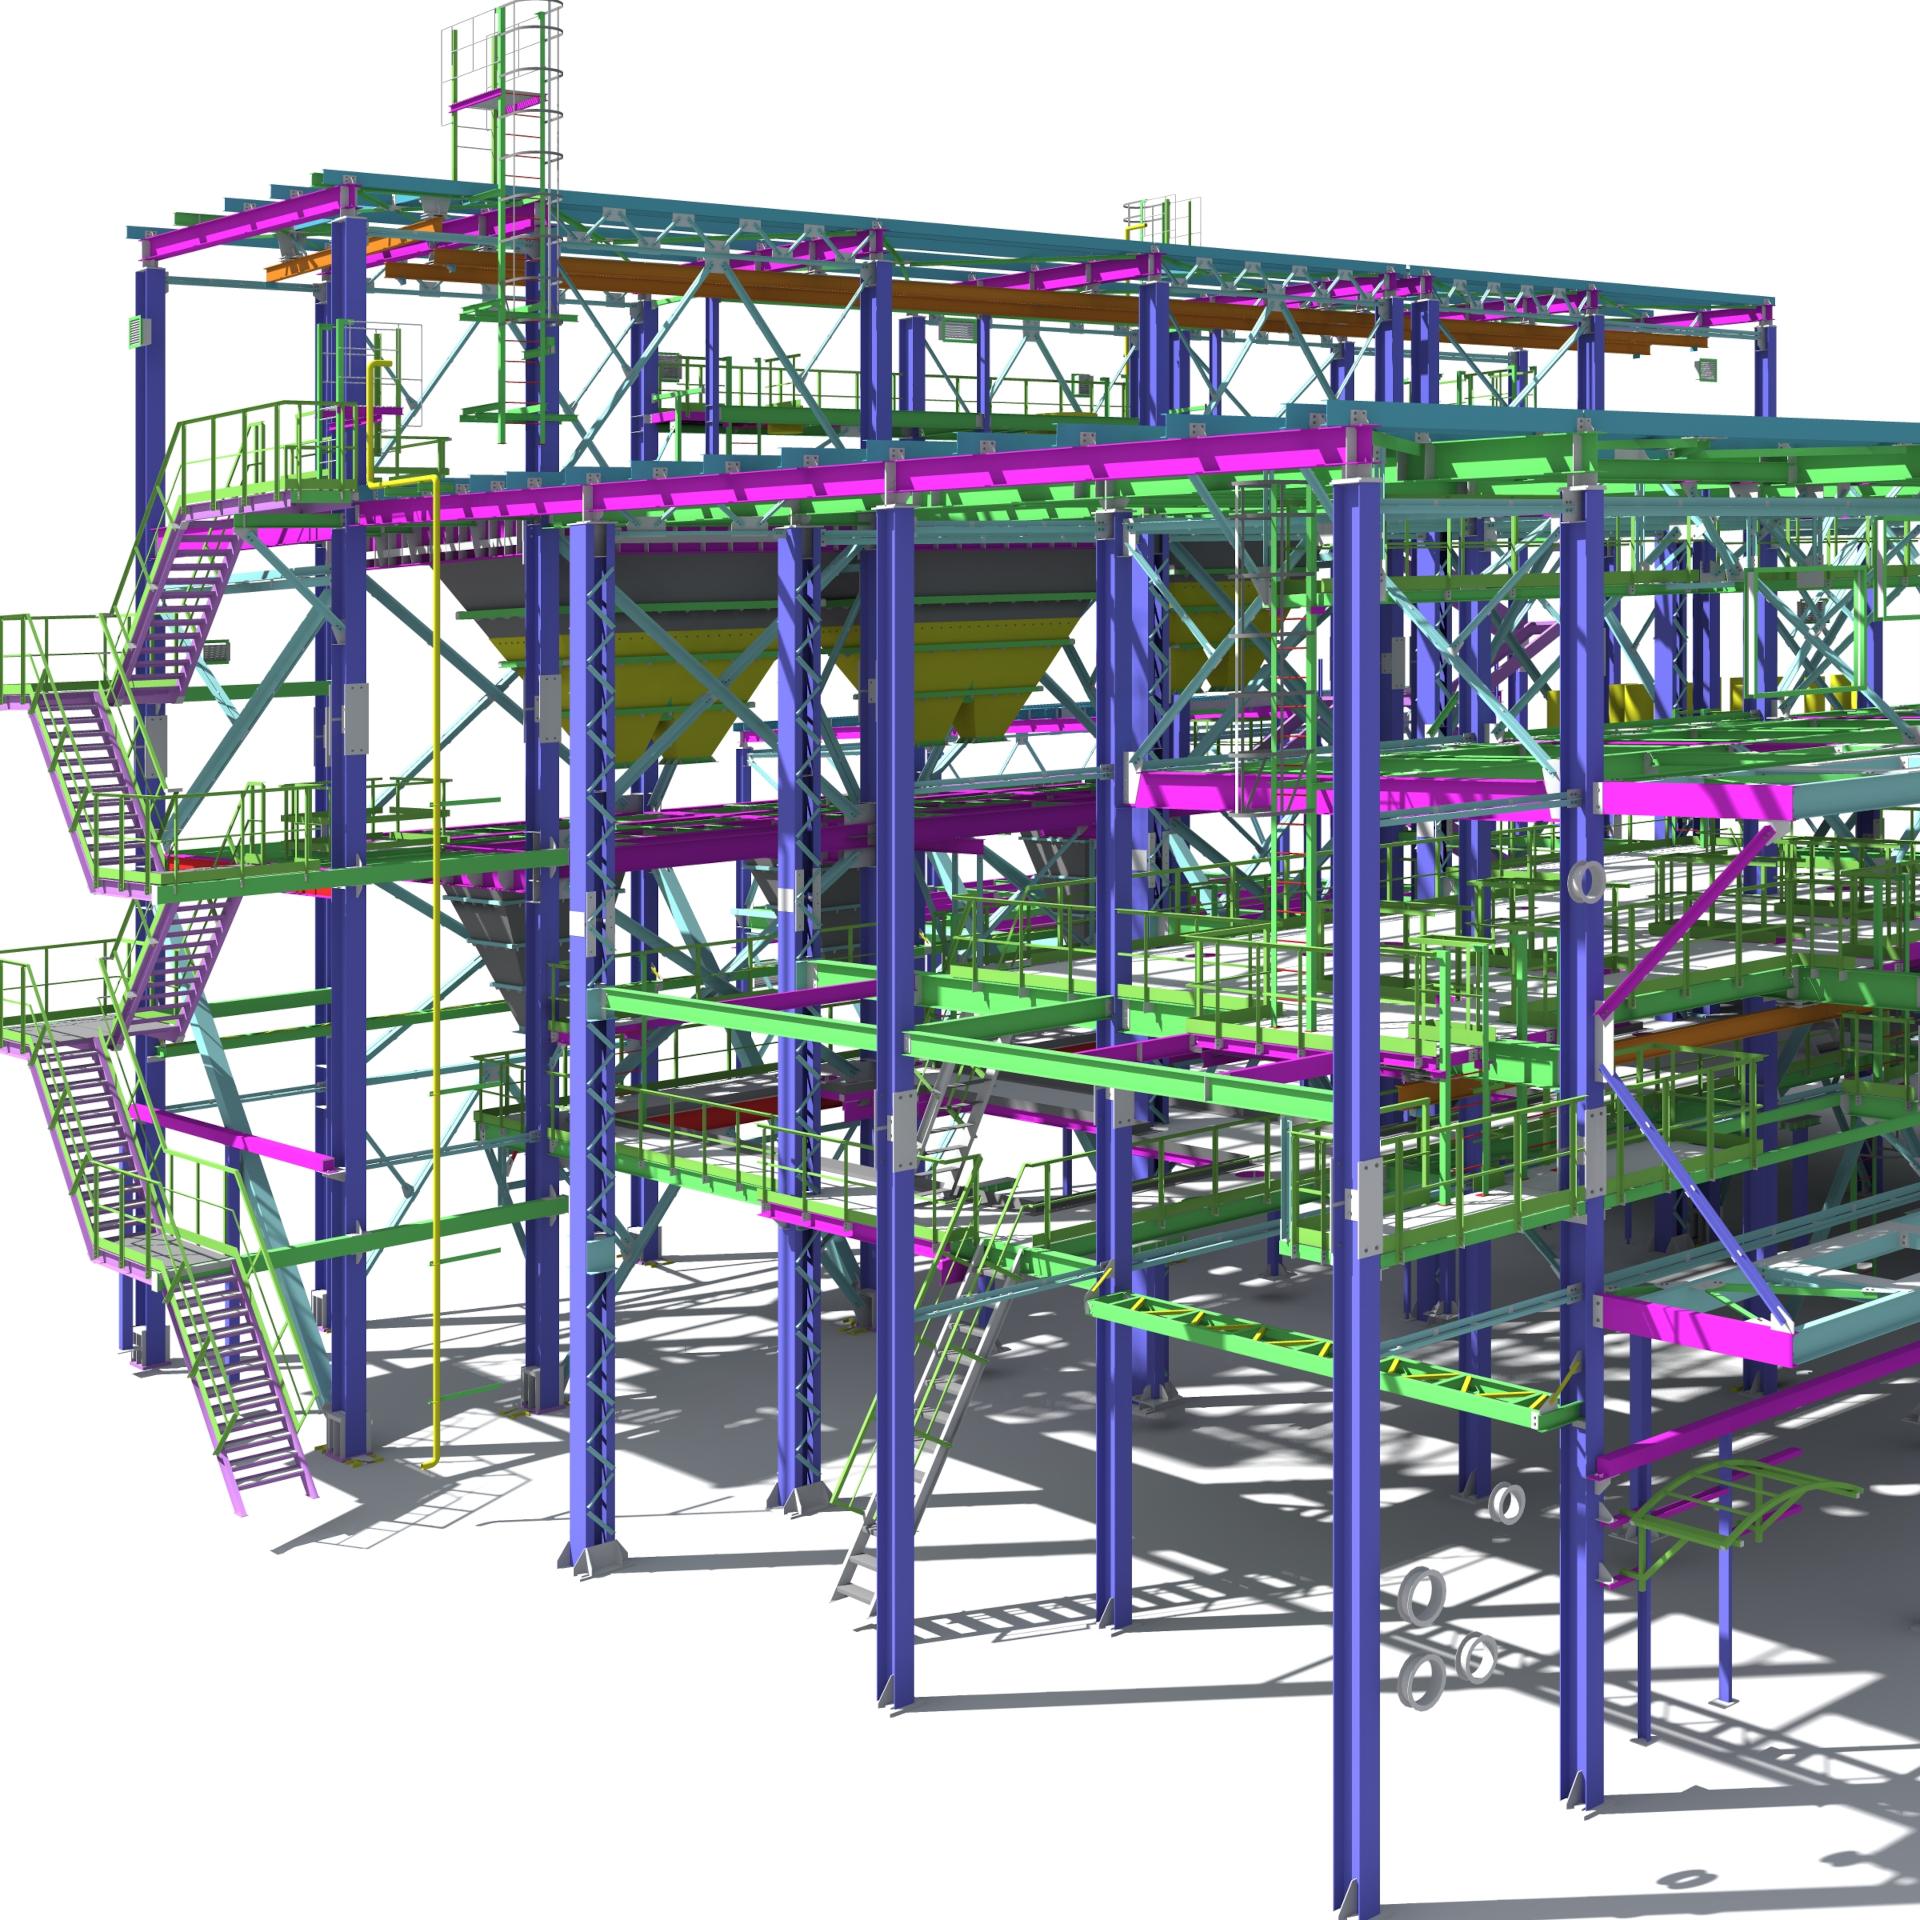 Tietomallit yleistyvät rakennusalalla. Tietomallin myötä kaikilla rakennushankkeen osapuolilla on jatkossa käytössään sama, ajantasainen tieto.